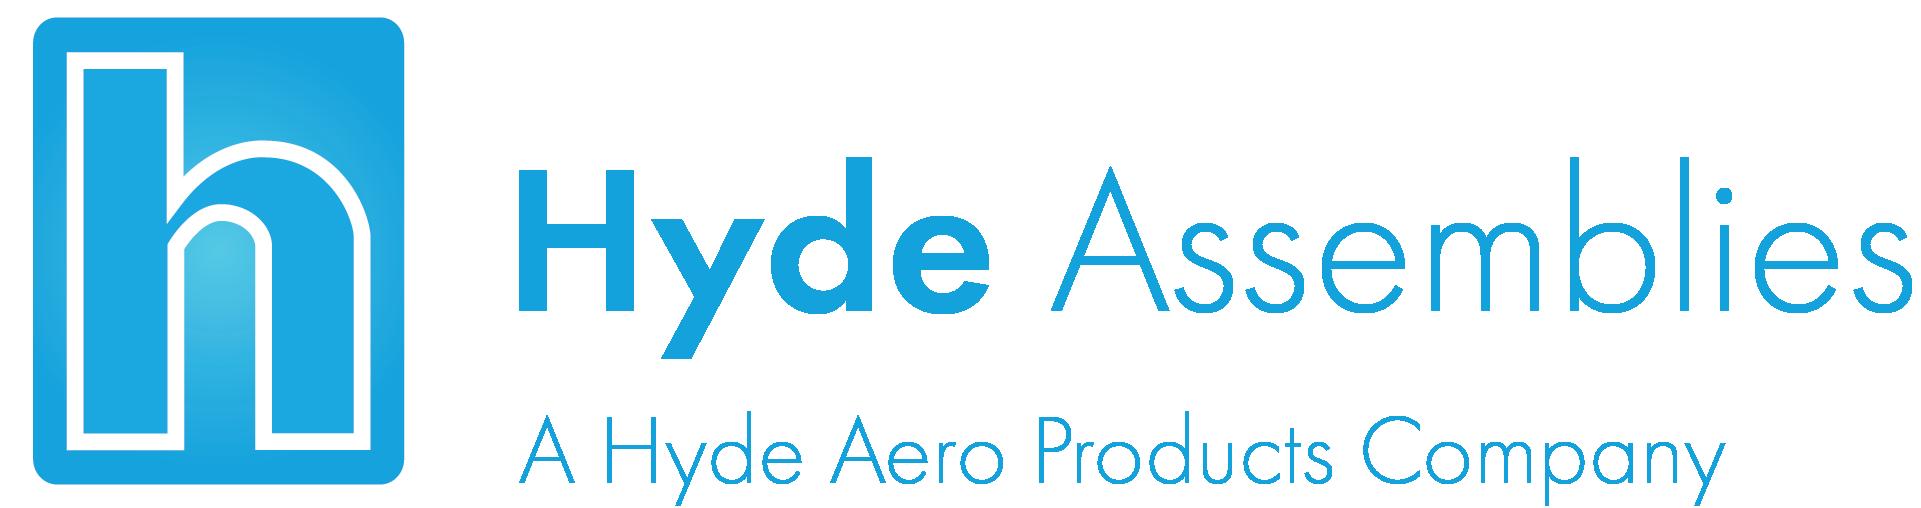 Hyde Assemblies Logo.png